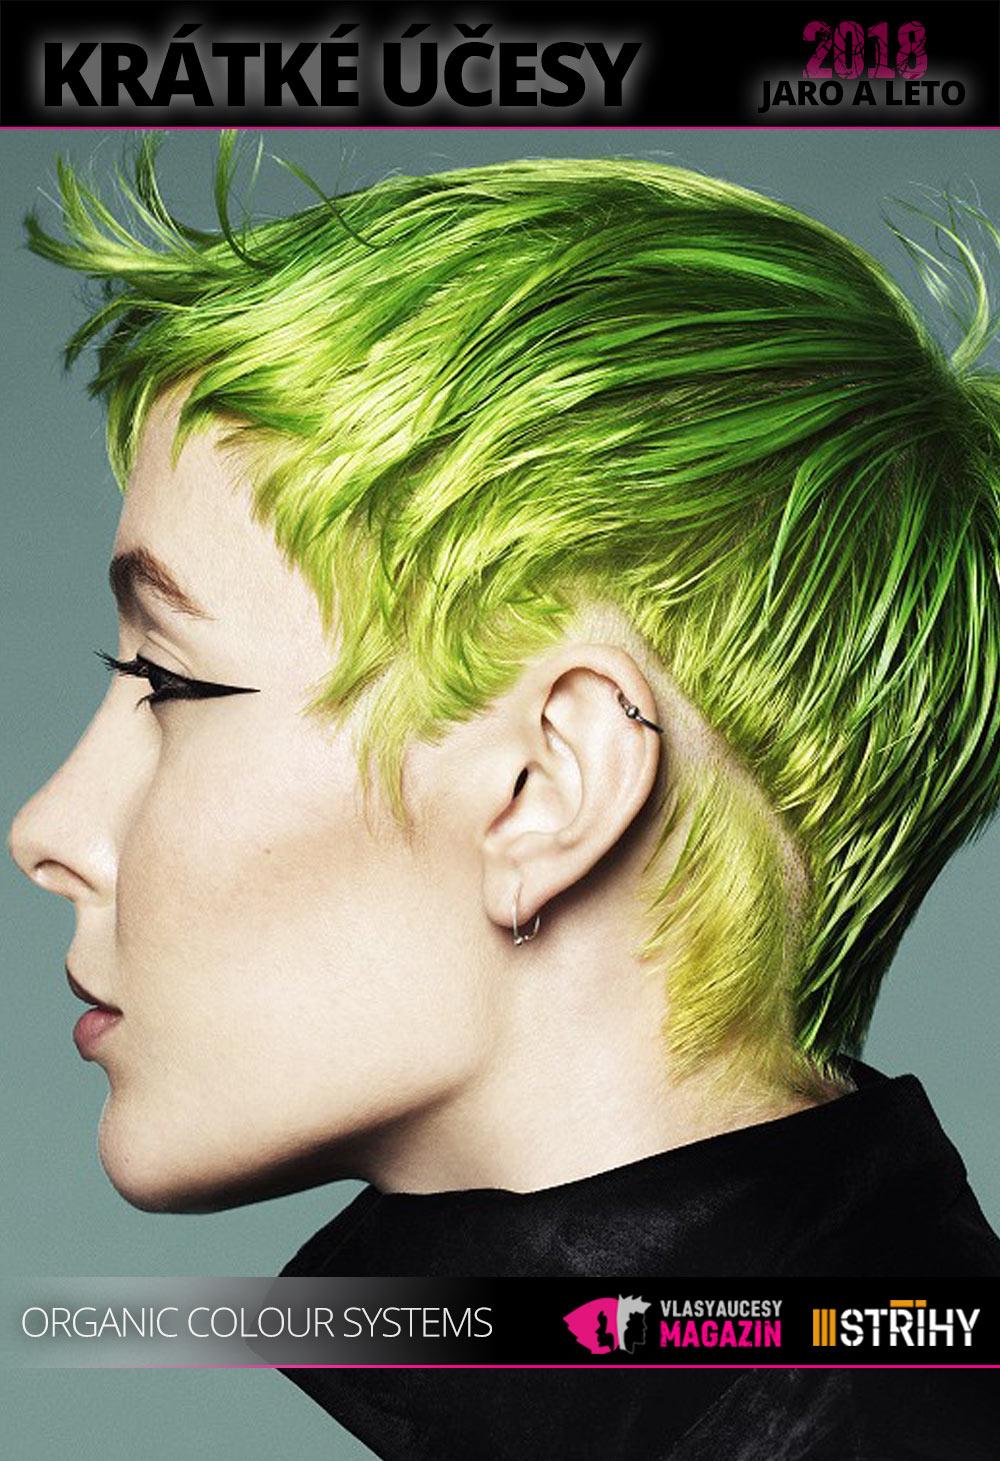 Krátké vlasy milují letos barvy. Dopřejte si krátké účesy pro jaro a léto 2018 v barvách skutečně výrazných. (Vlasy: Organic Colour Systems mentors & Karine Jackson, kolekce: Inspired Collection 2018)